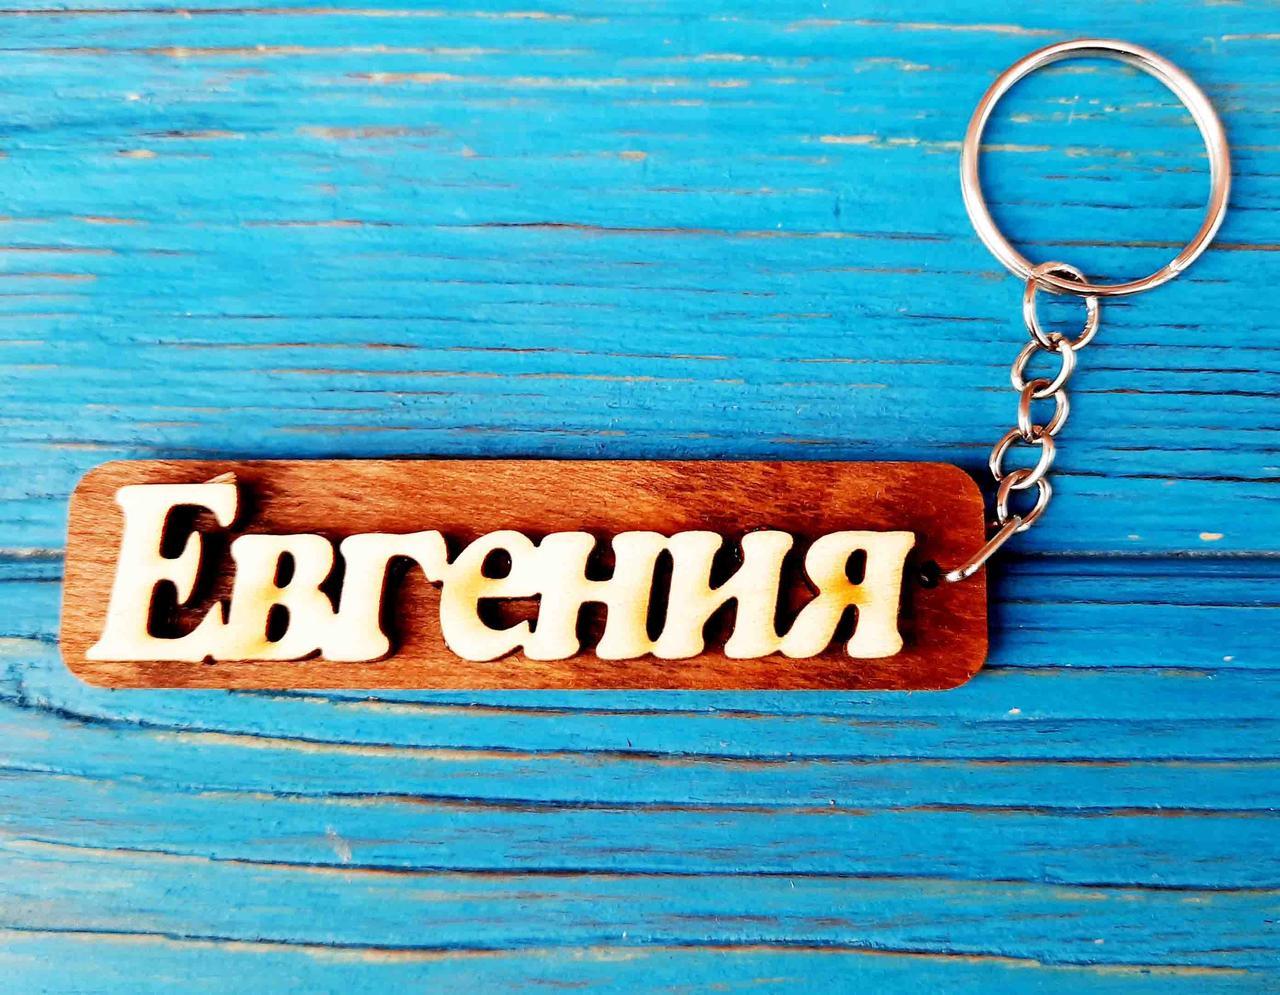 Брелок именной Евгения. Брелок с именем Евгения. Брелок деревянный. Брелок для ключей. Брелоки с именами